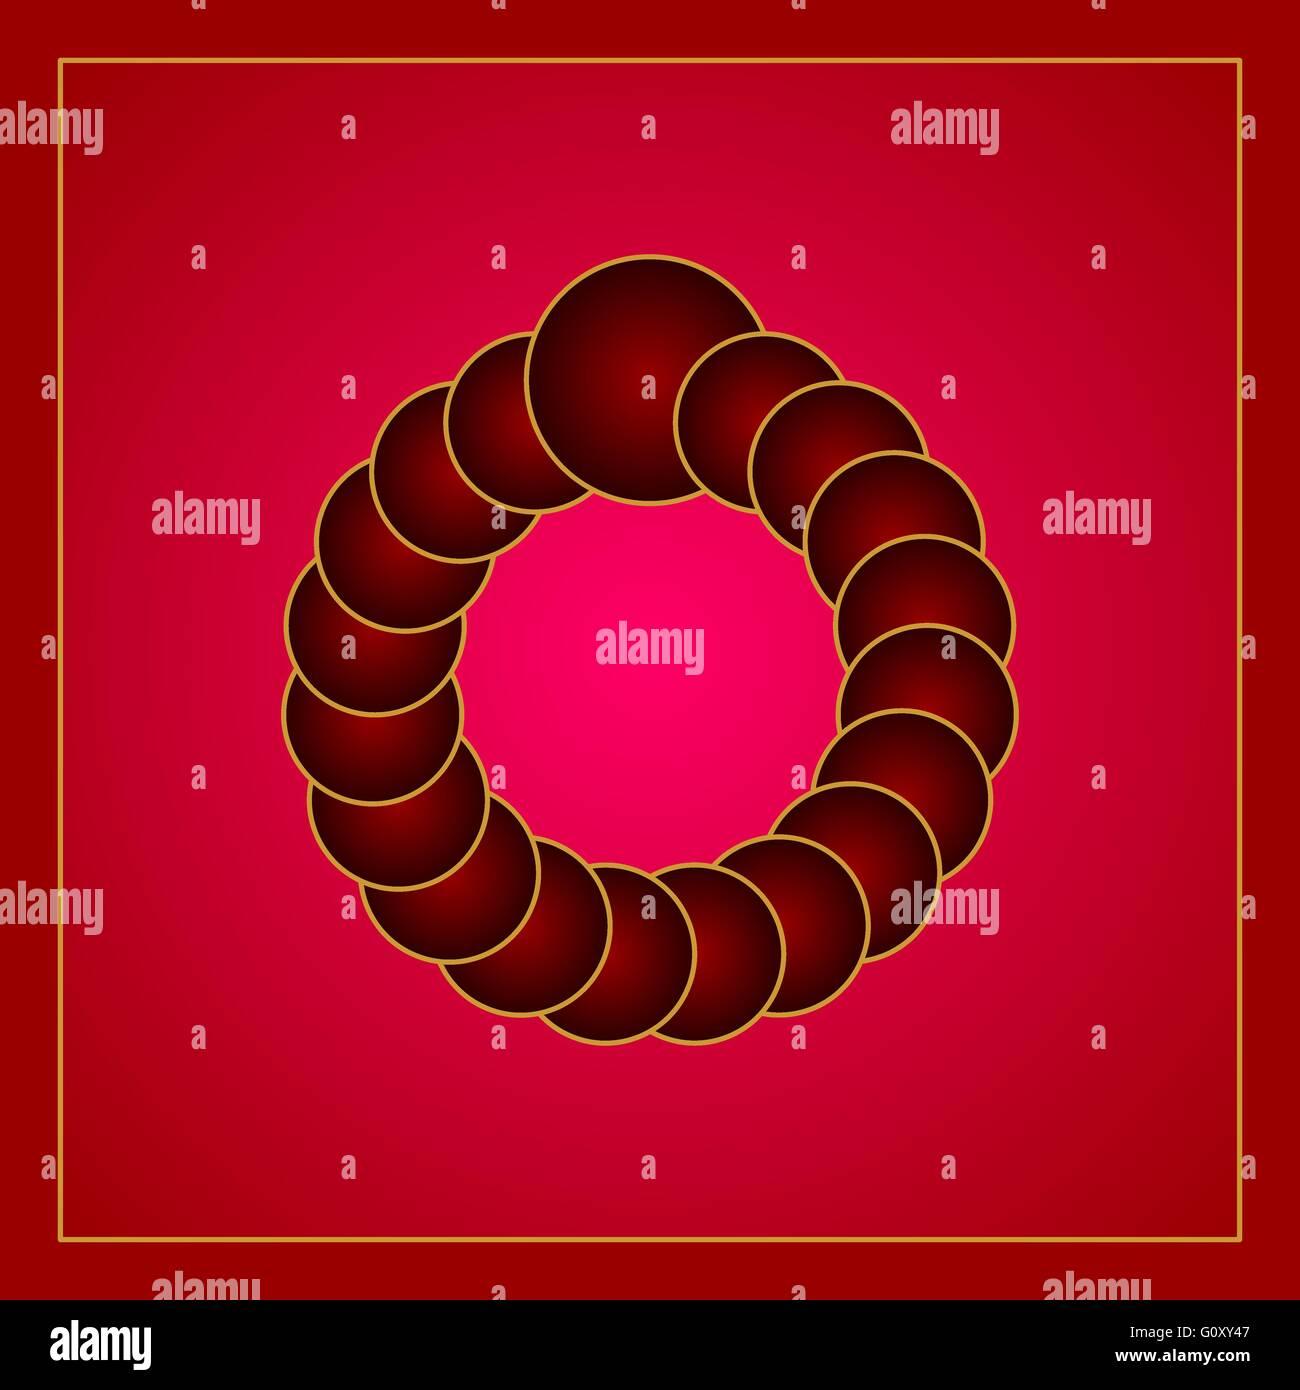 Óptico rojo ilusión visual creado por los círculos formando un anillo virtual. Gradiente de color Imagen De Stock